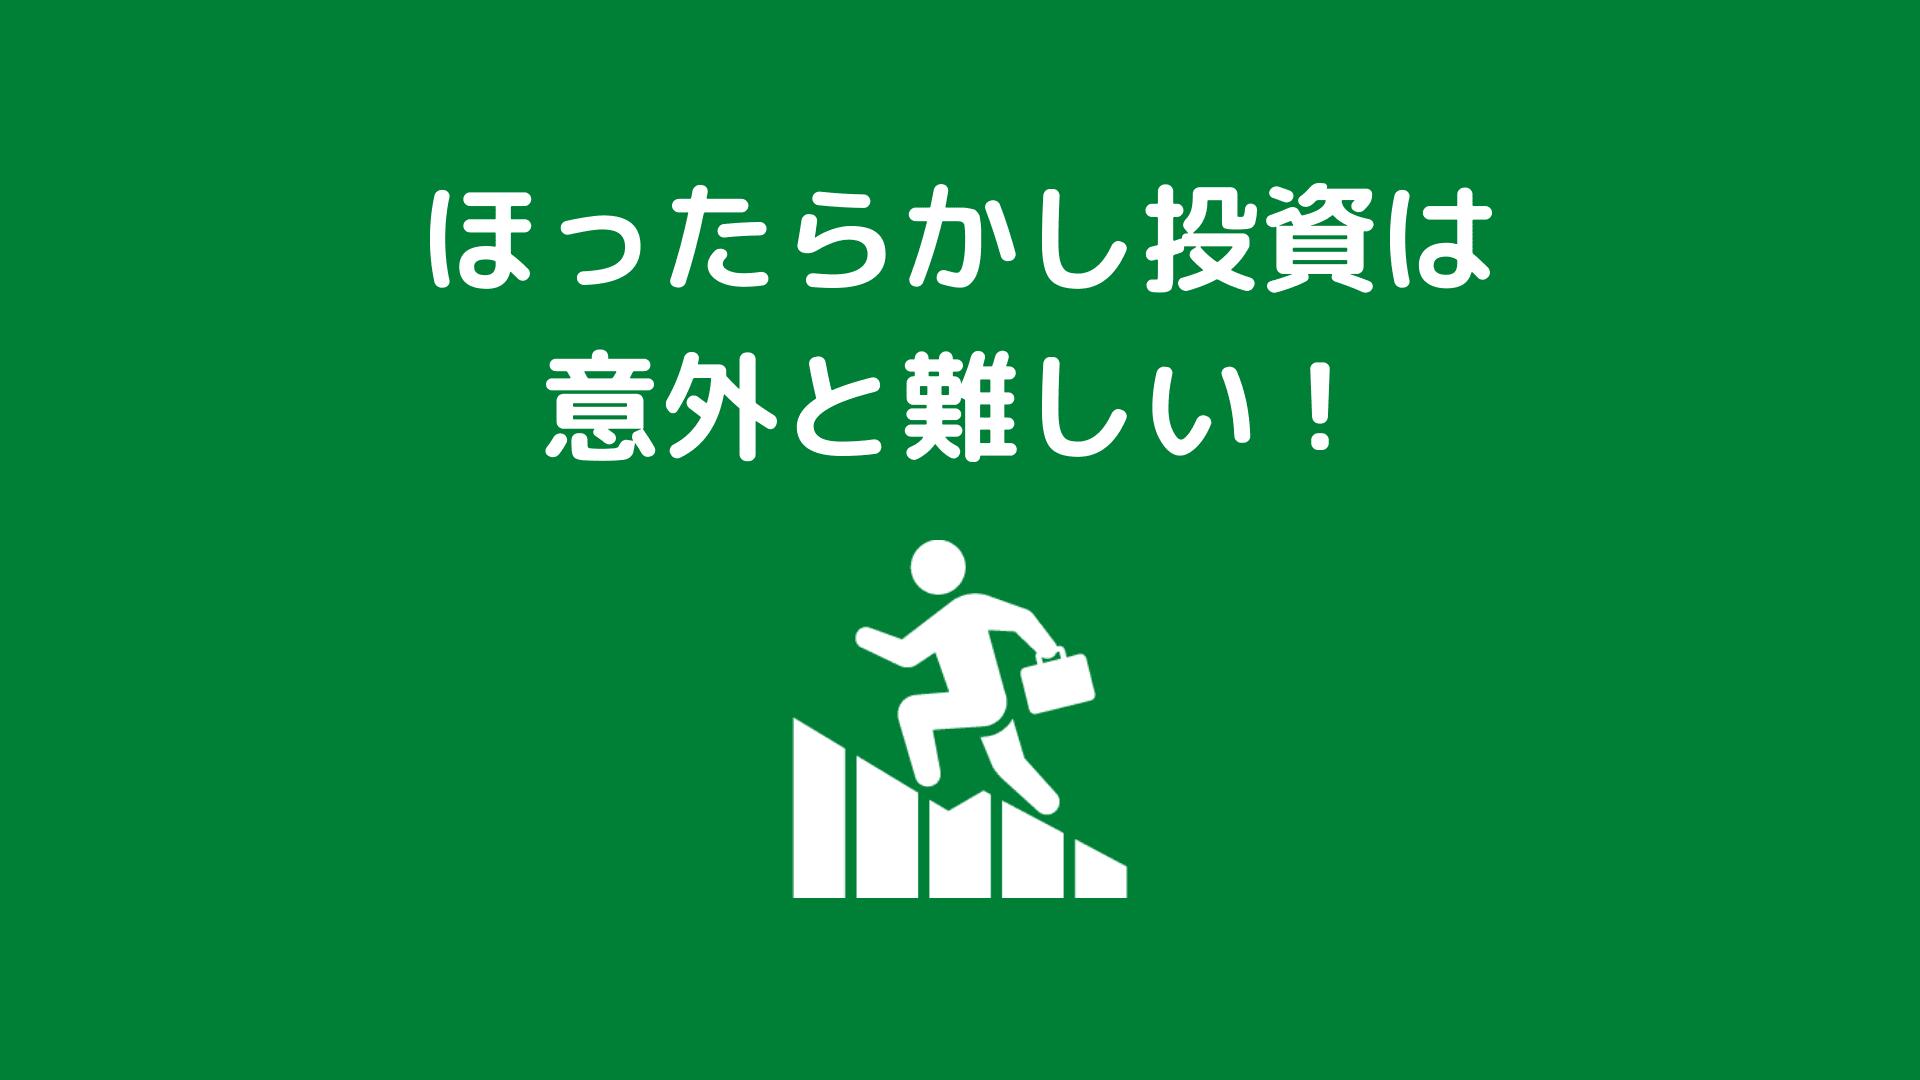 Hottarakashi toushi mutukashi